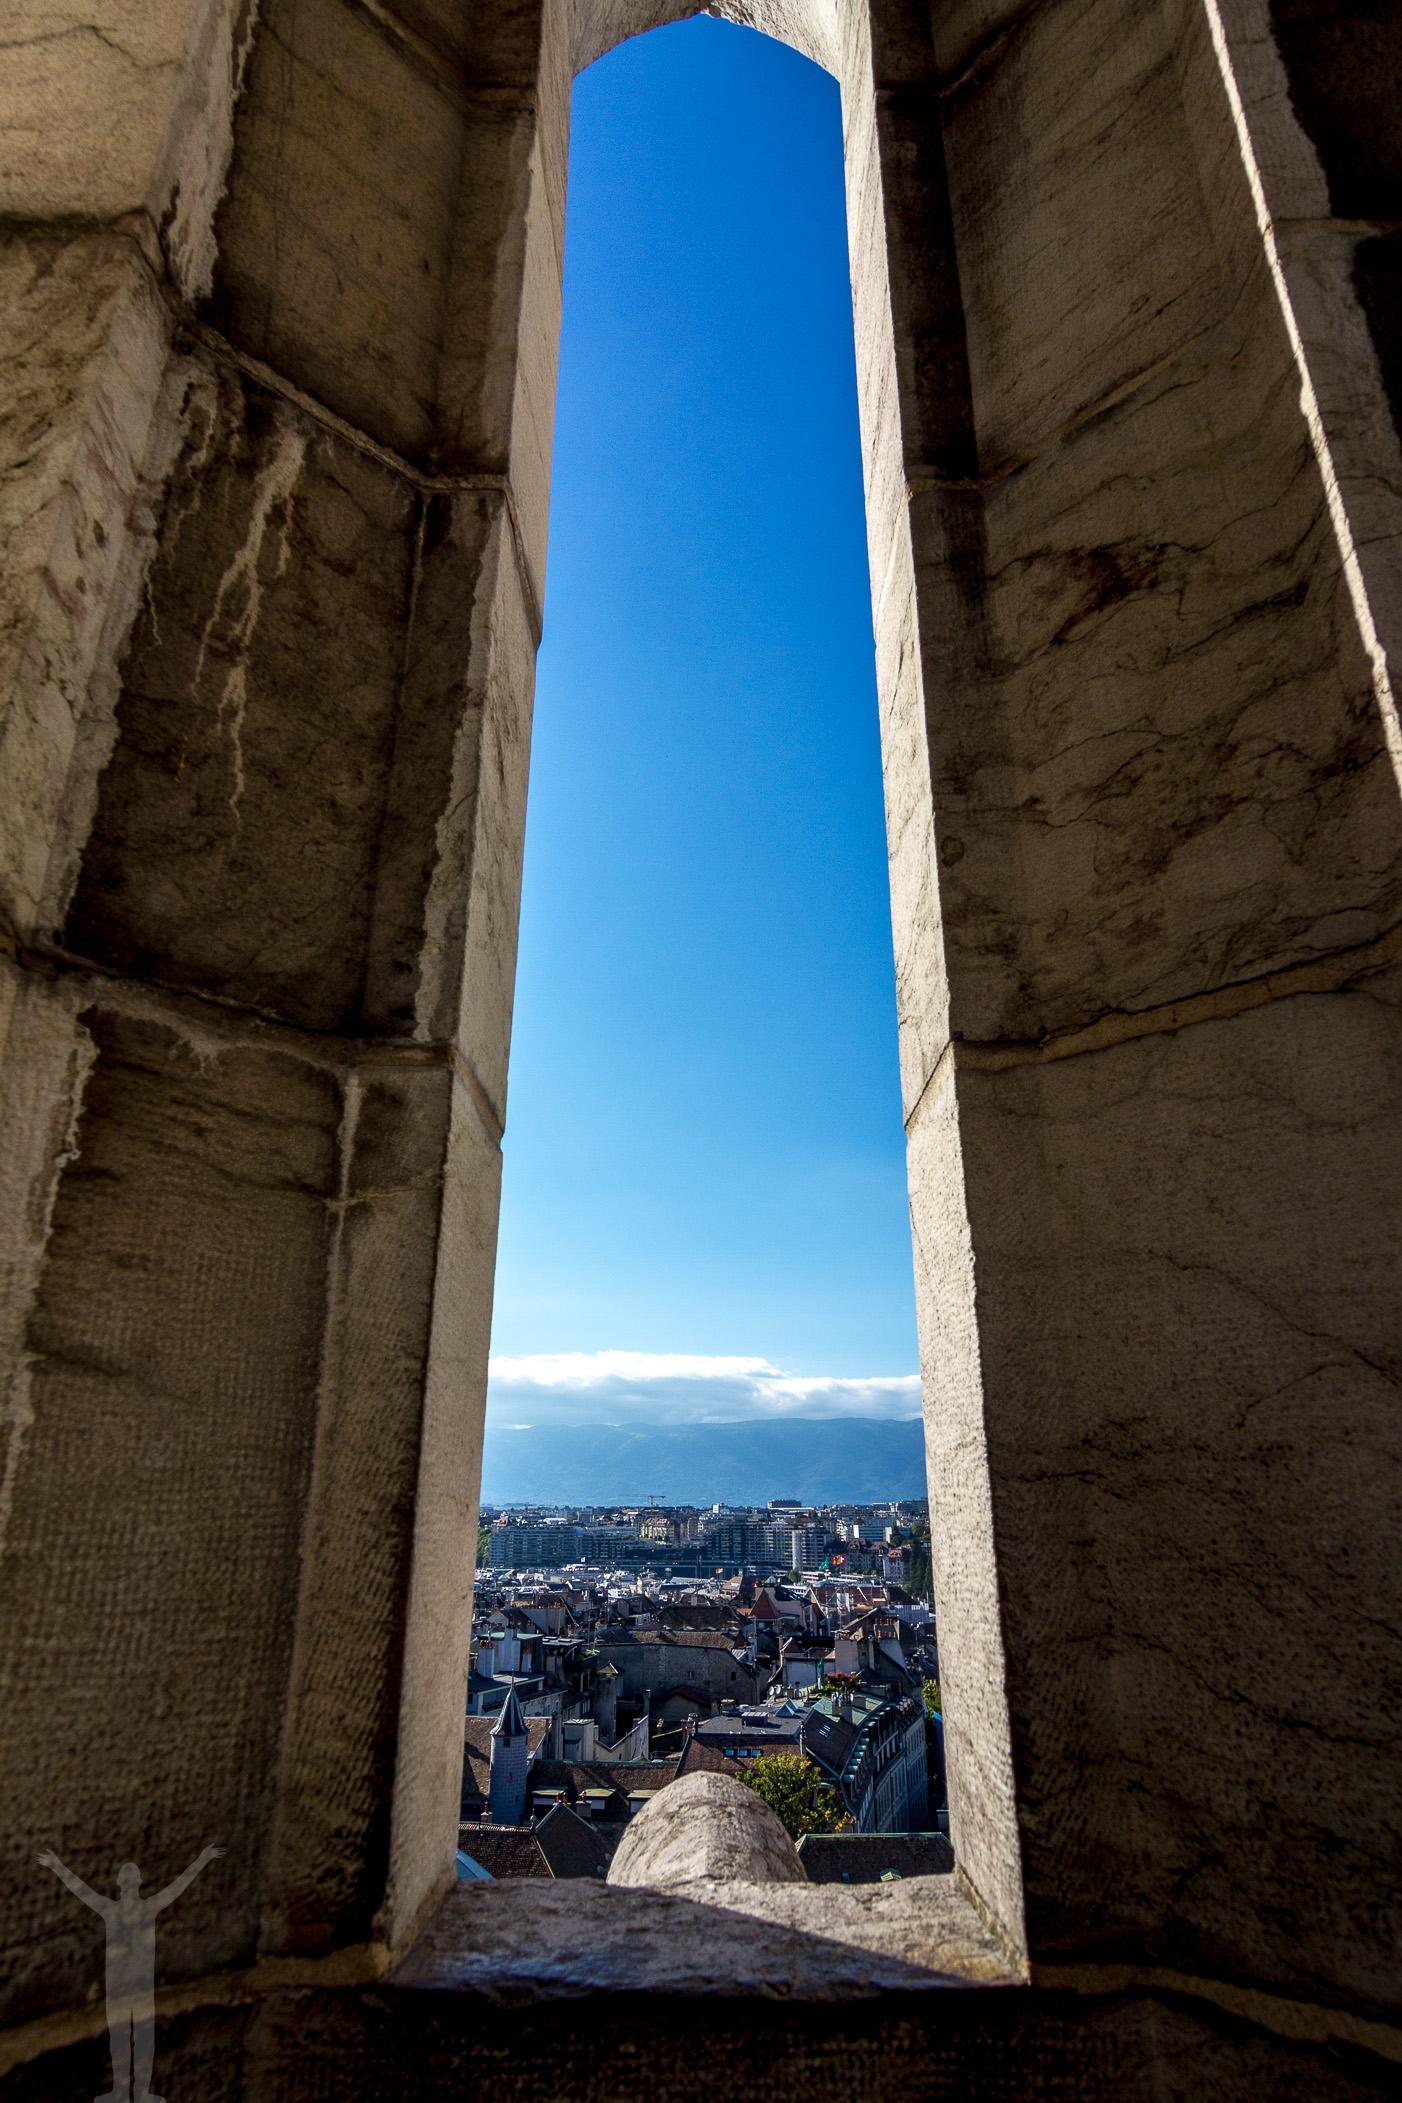 St Pierre Cathedral Cathédrale Saint-Pierre Genève